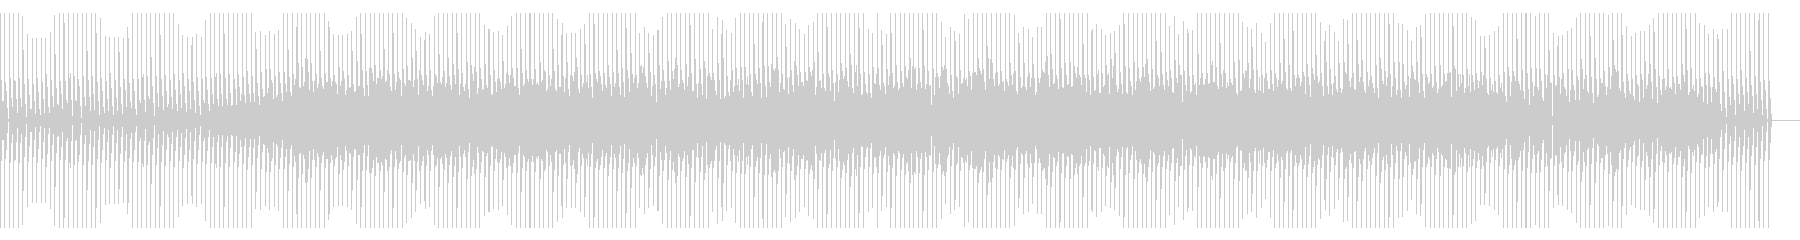 細切れでくぐもった音の4つ打テクノの未再生の波形